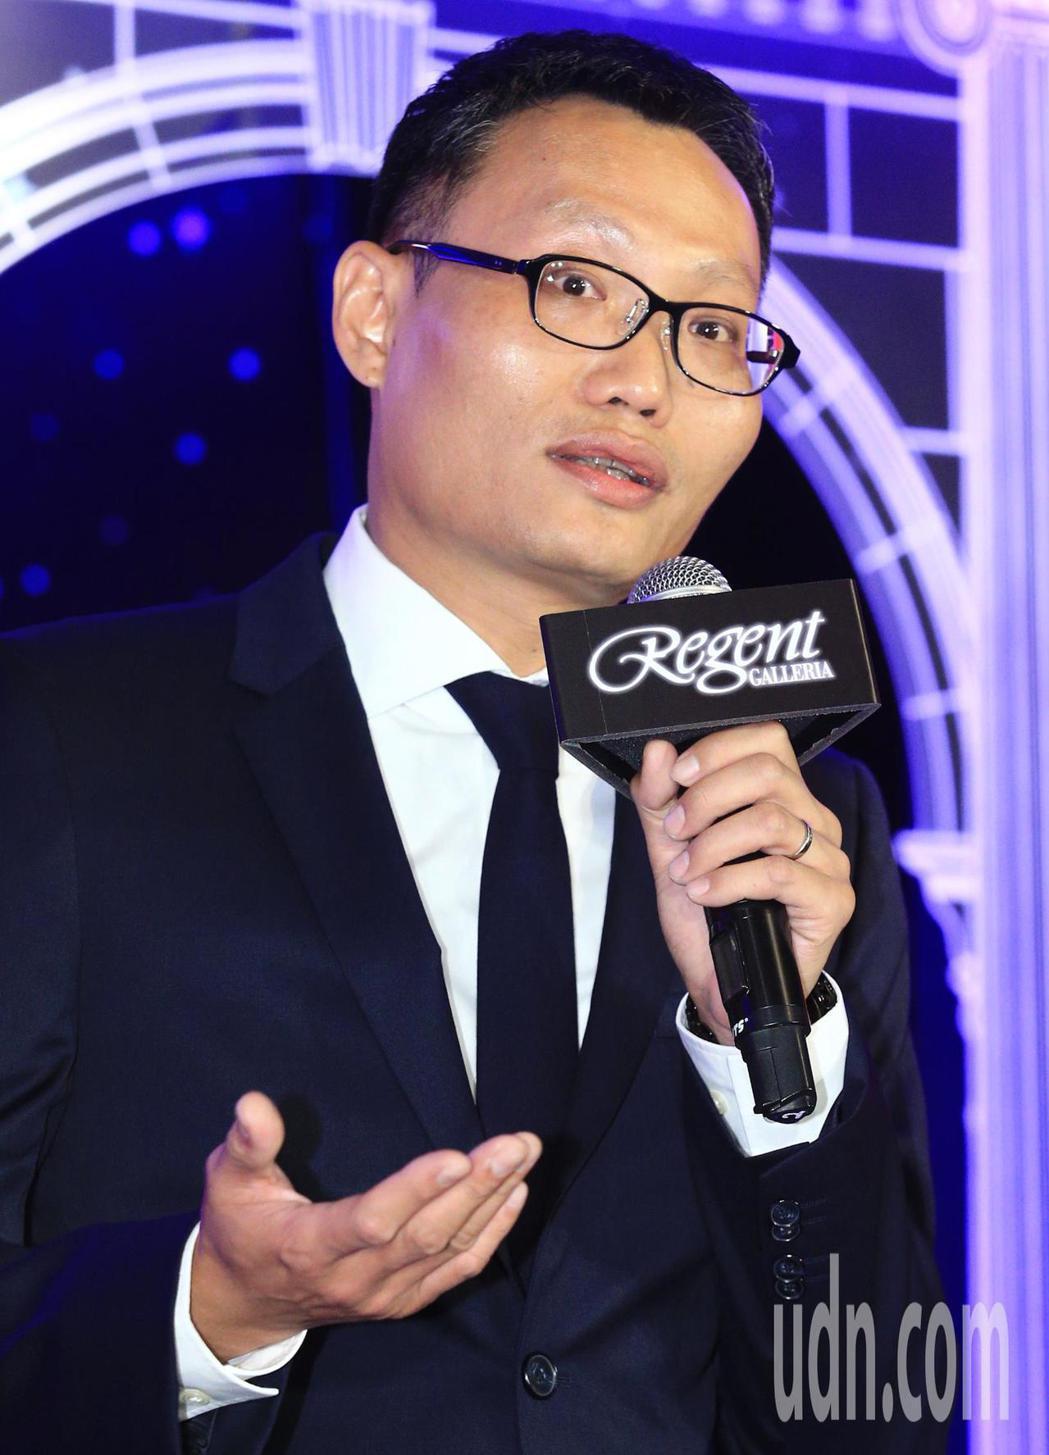 台北晶華酒店總經理吳偉正代表致詞。記者陳正興/攝影